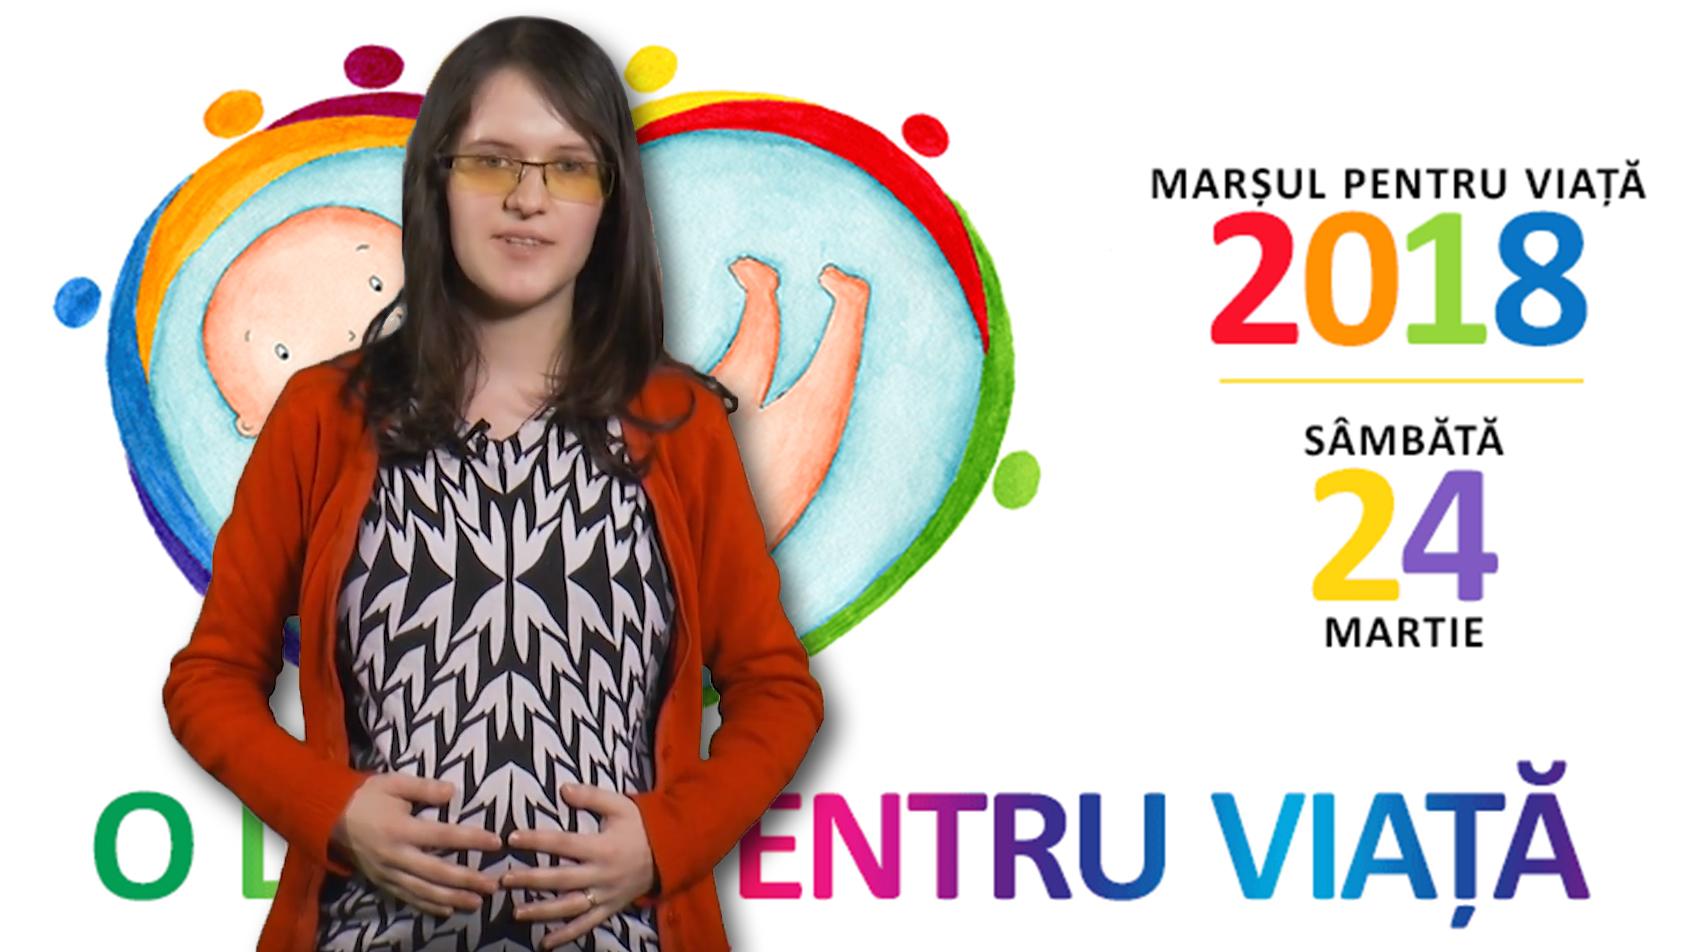 """MARȘUL PENTRU VIAȚĂ – 24 martie 2018, <i>""""O lume pentru viață""""</i>, în întreaga țară. MITROPOLITUL MOLDOVEI, ÎPS TEOFAN: <i>""""Sunteți așteptați la procesiune în ajun de mare praznic pentru că ȘTIM CĂ VĂ DOARE, ȘTIM CĂ VĂ PASĂ""""</i> (video)"""